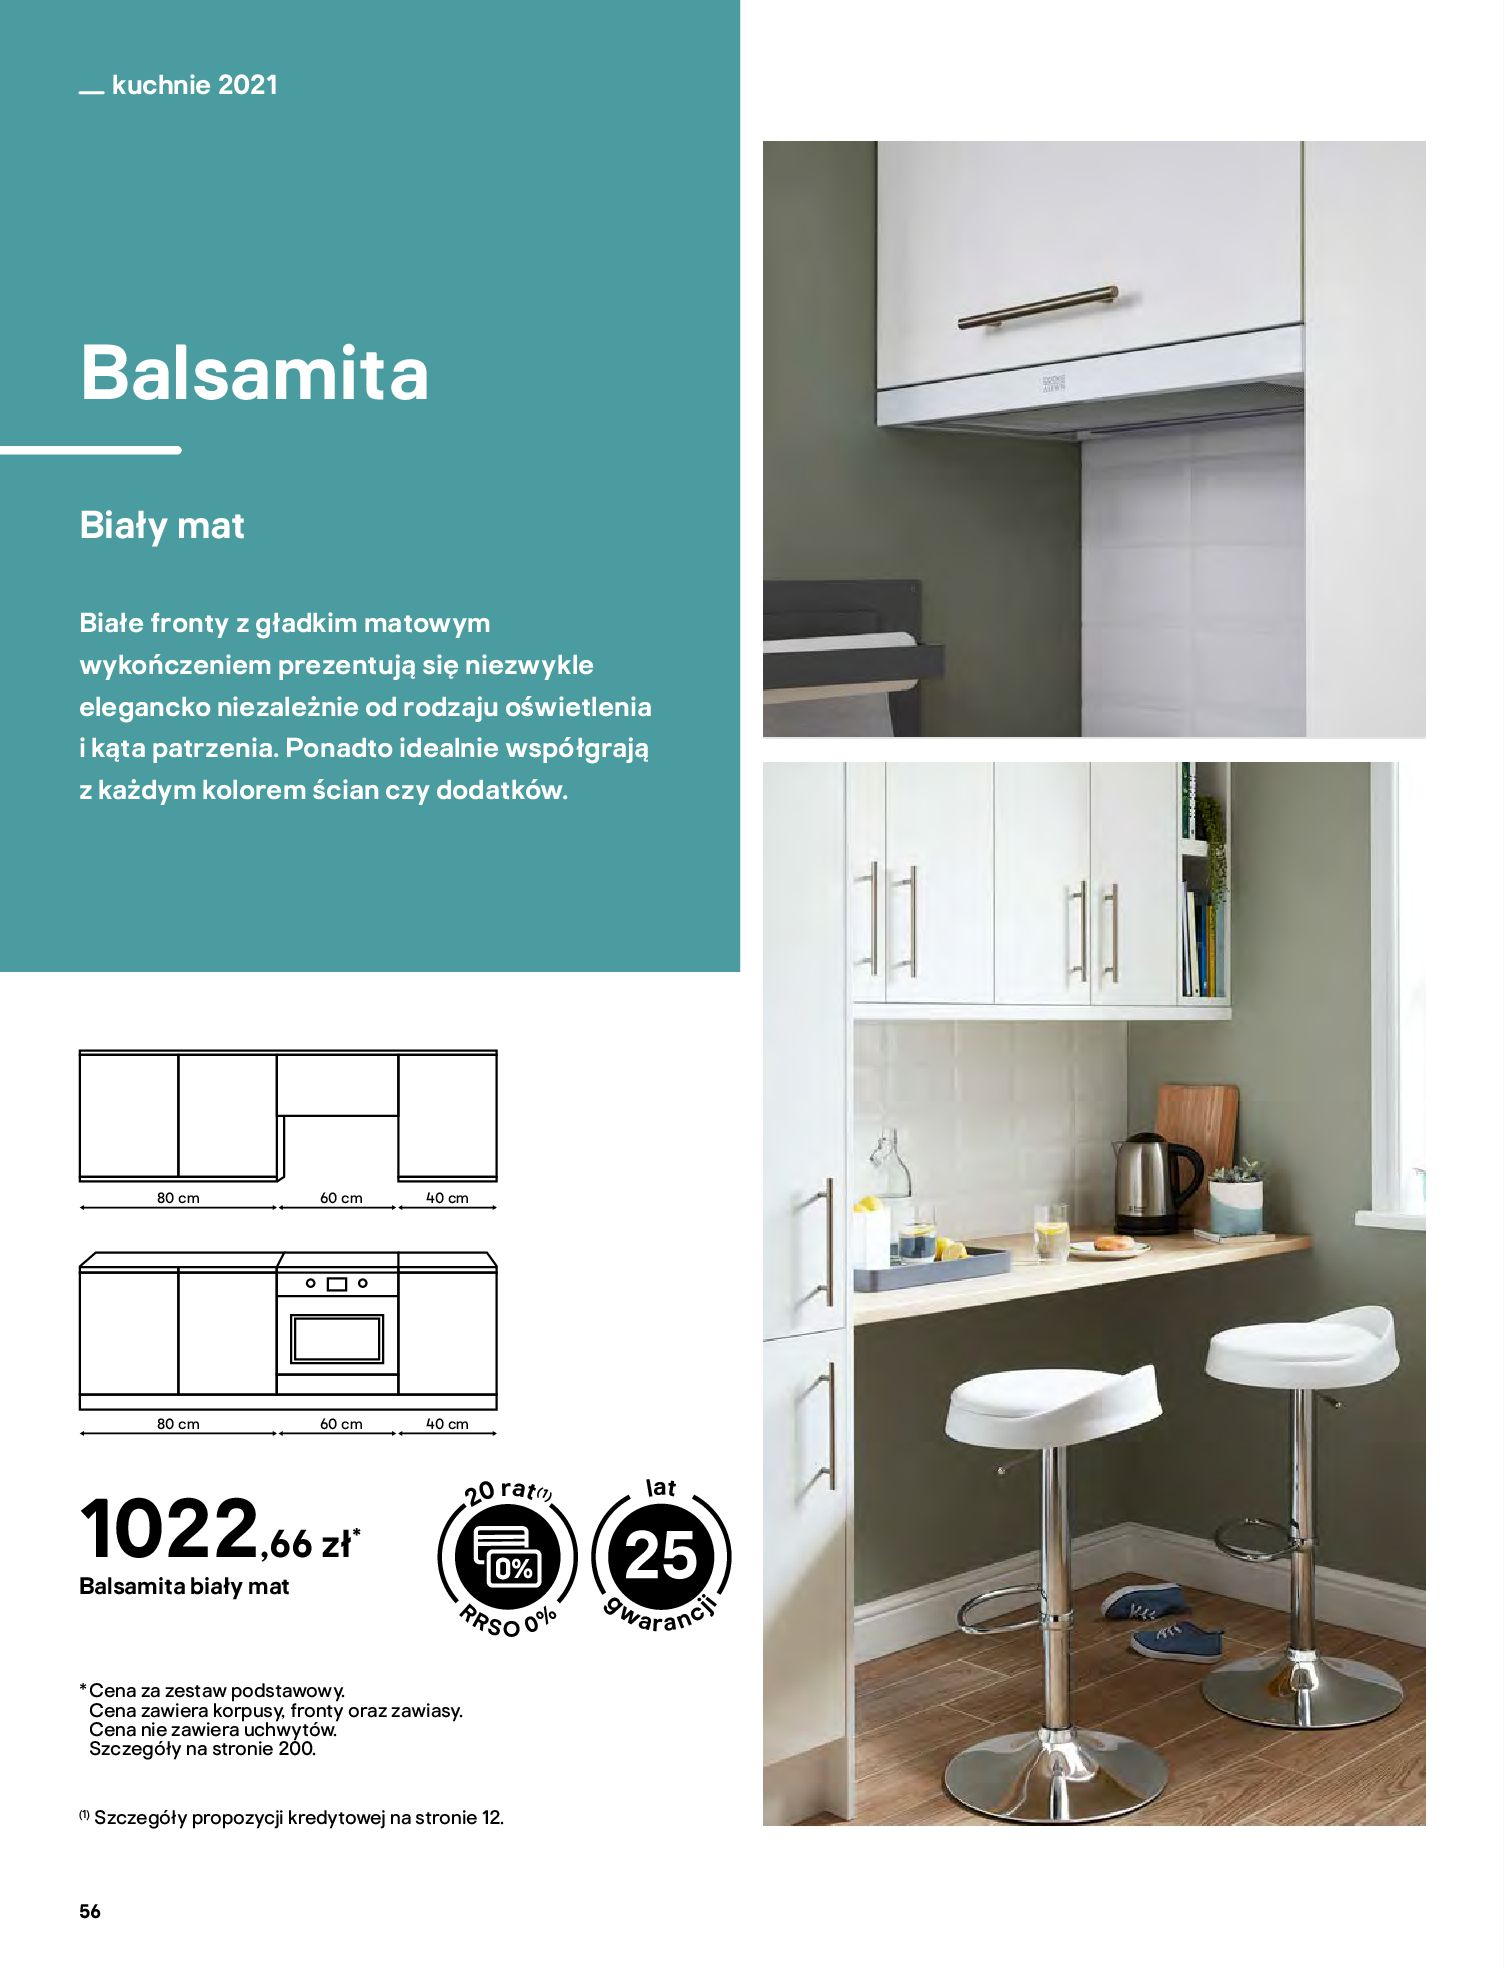 Gazetka Castorama: Katalog kuchnie 2021 2021-05-04 page-56